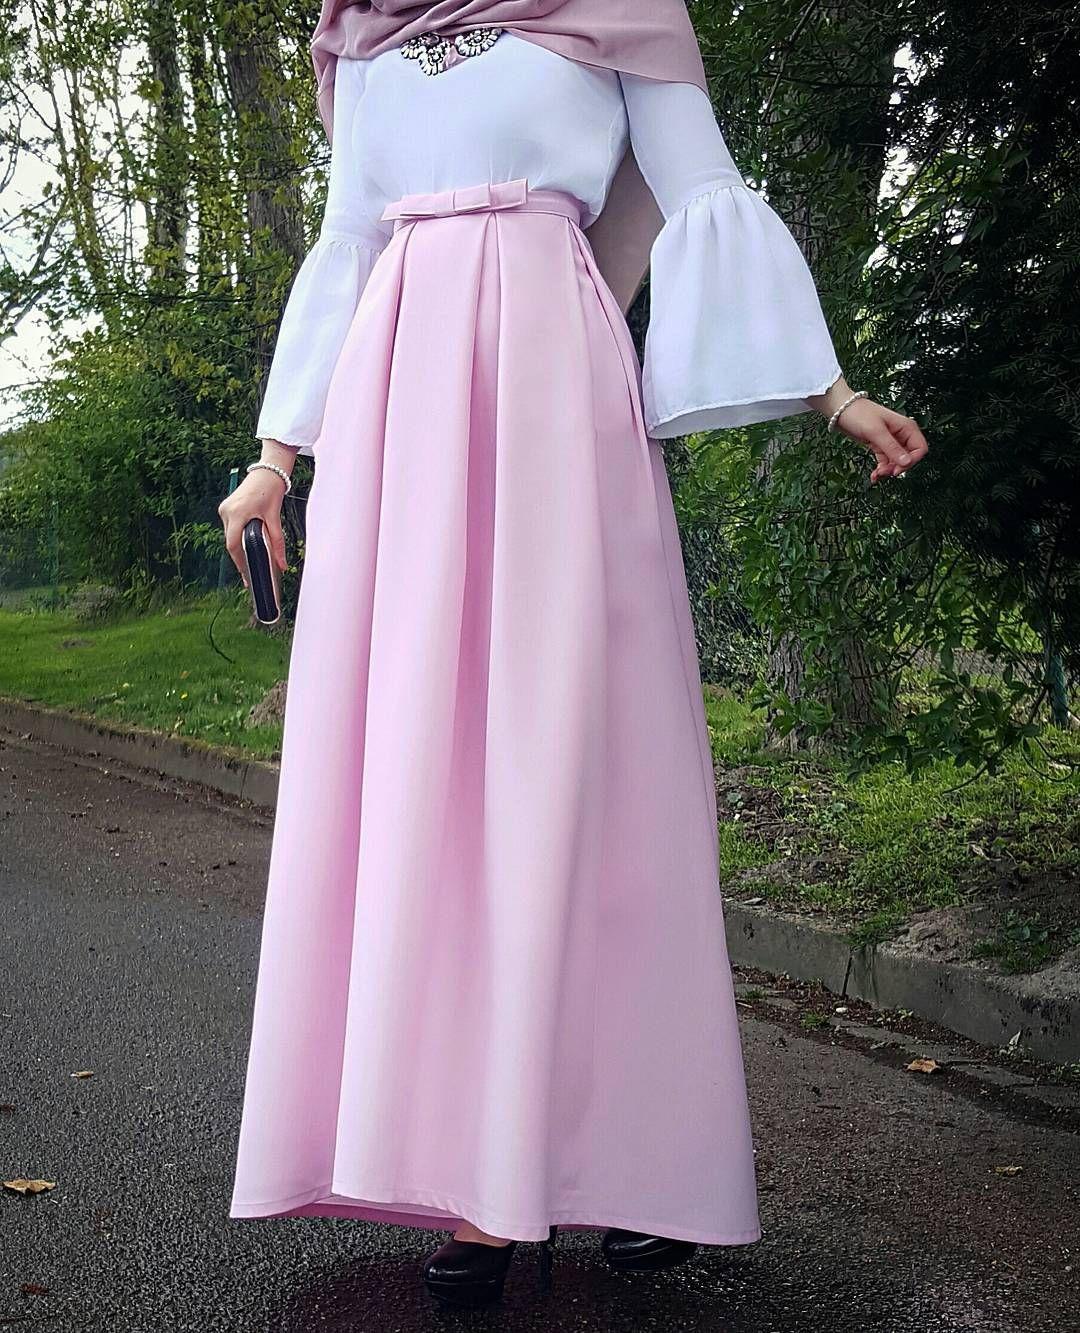 صورة اجمل ملابس للمحجبات , ازياء مختارة للمحجبات 9975 9